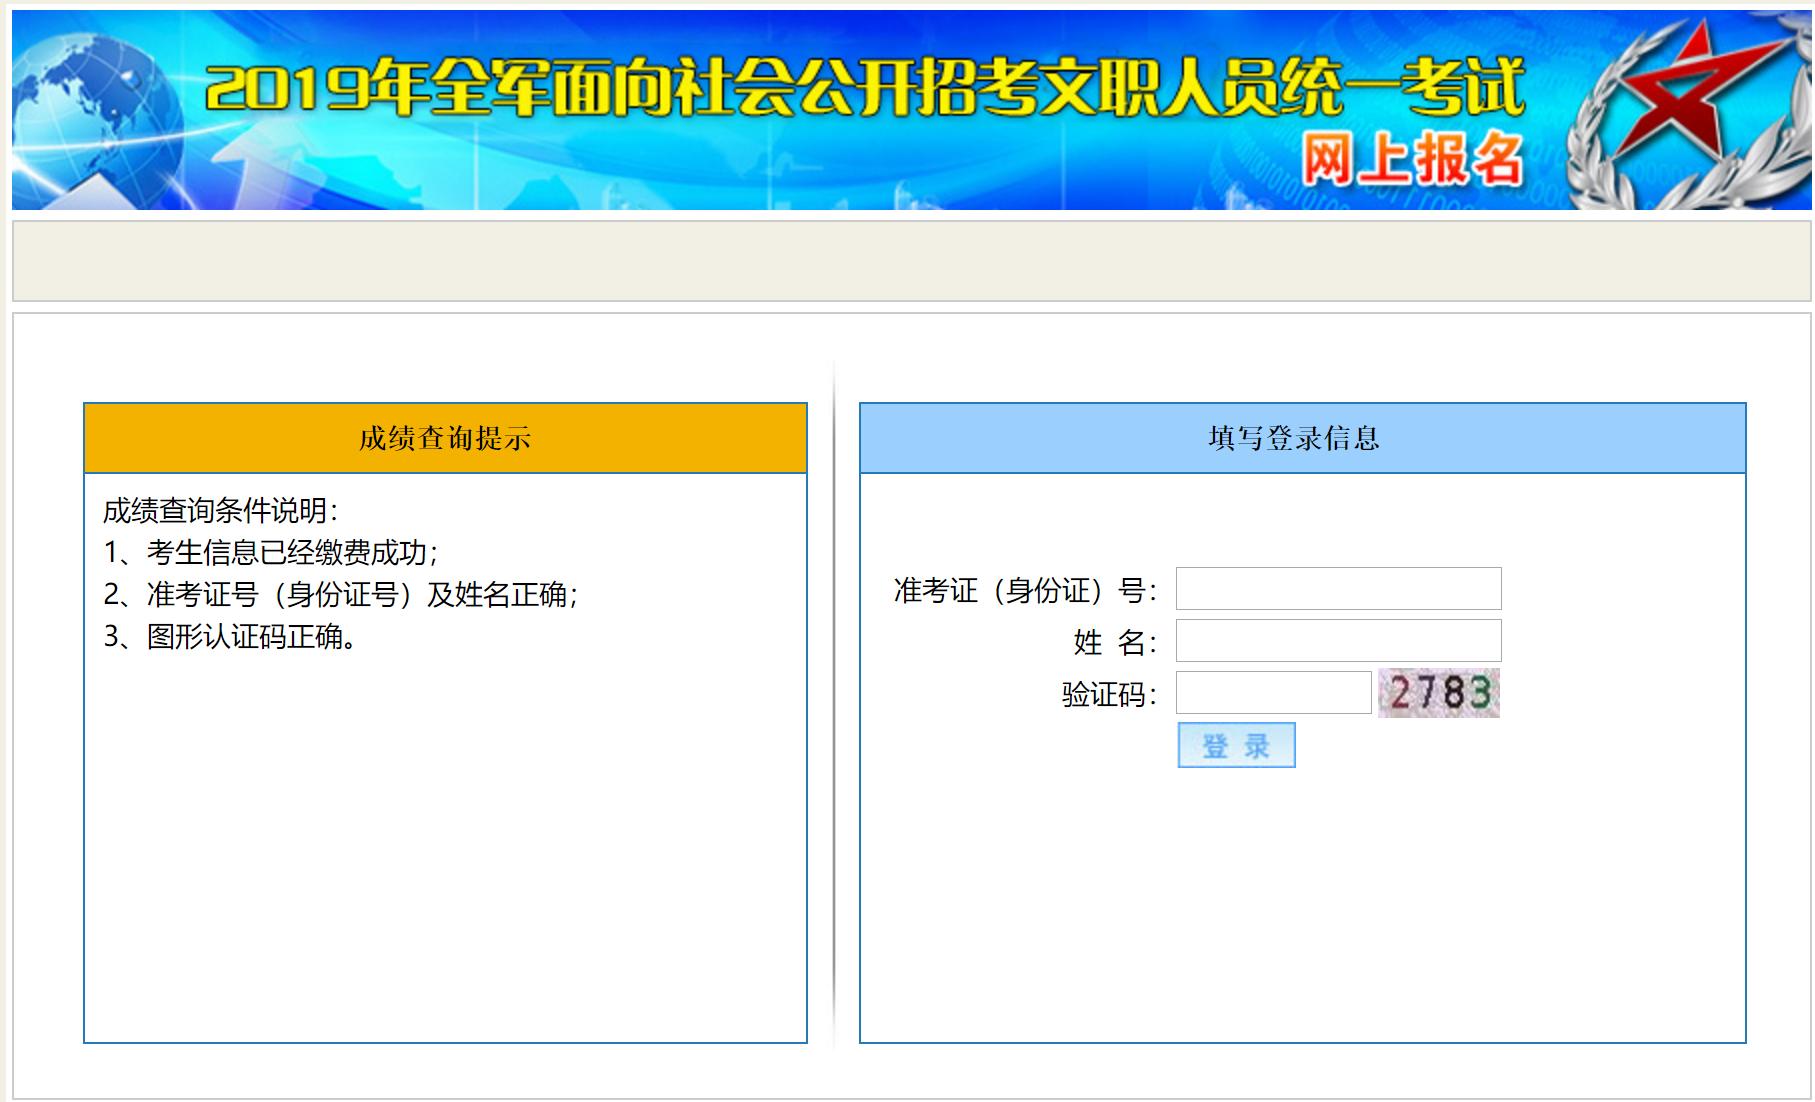 http://www.weixinrensheng.com/junshi/345305.html